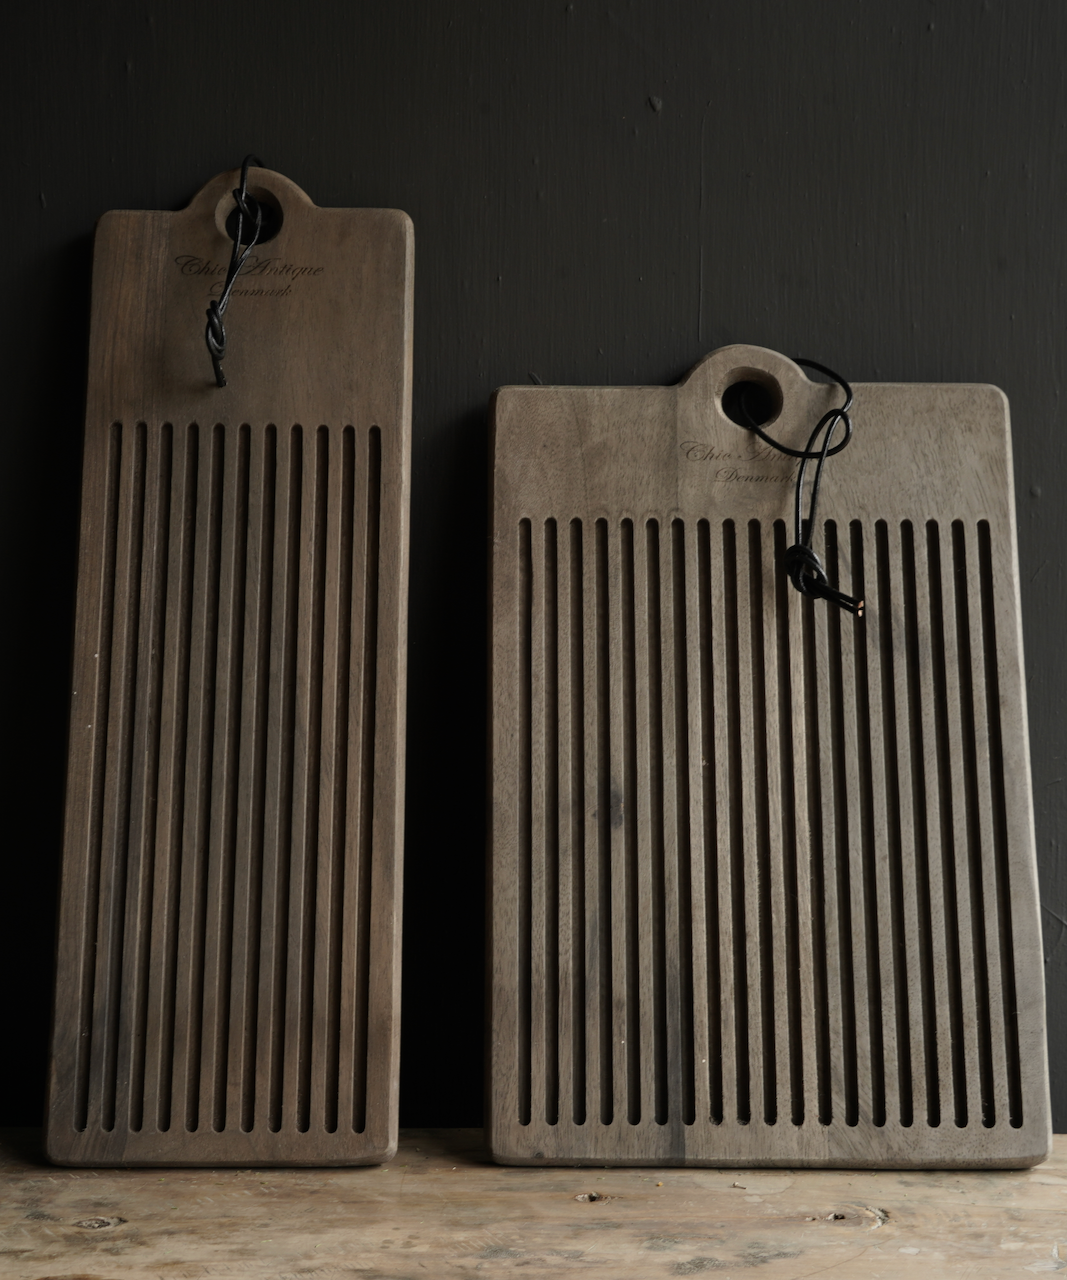 Steckbrett / Schneidebrett aus Holz mit Schlitzen-2